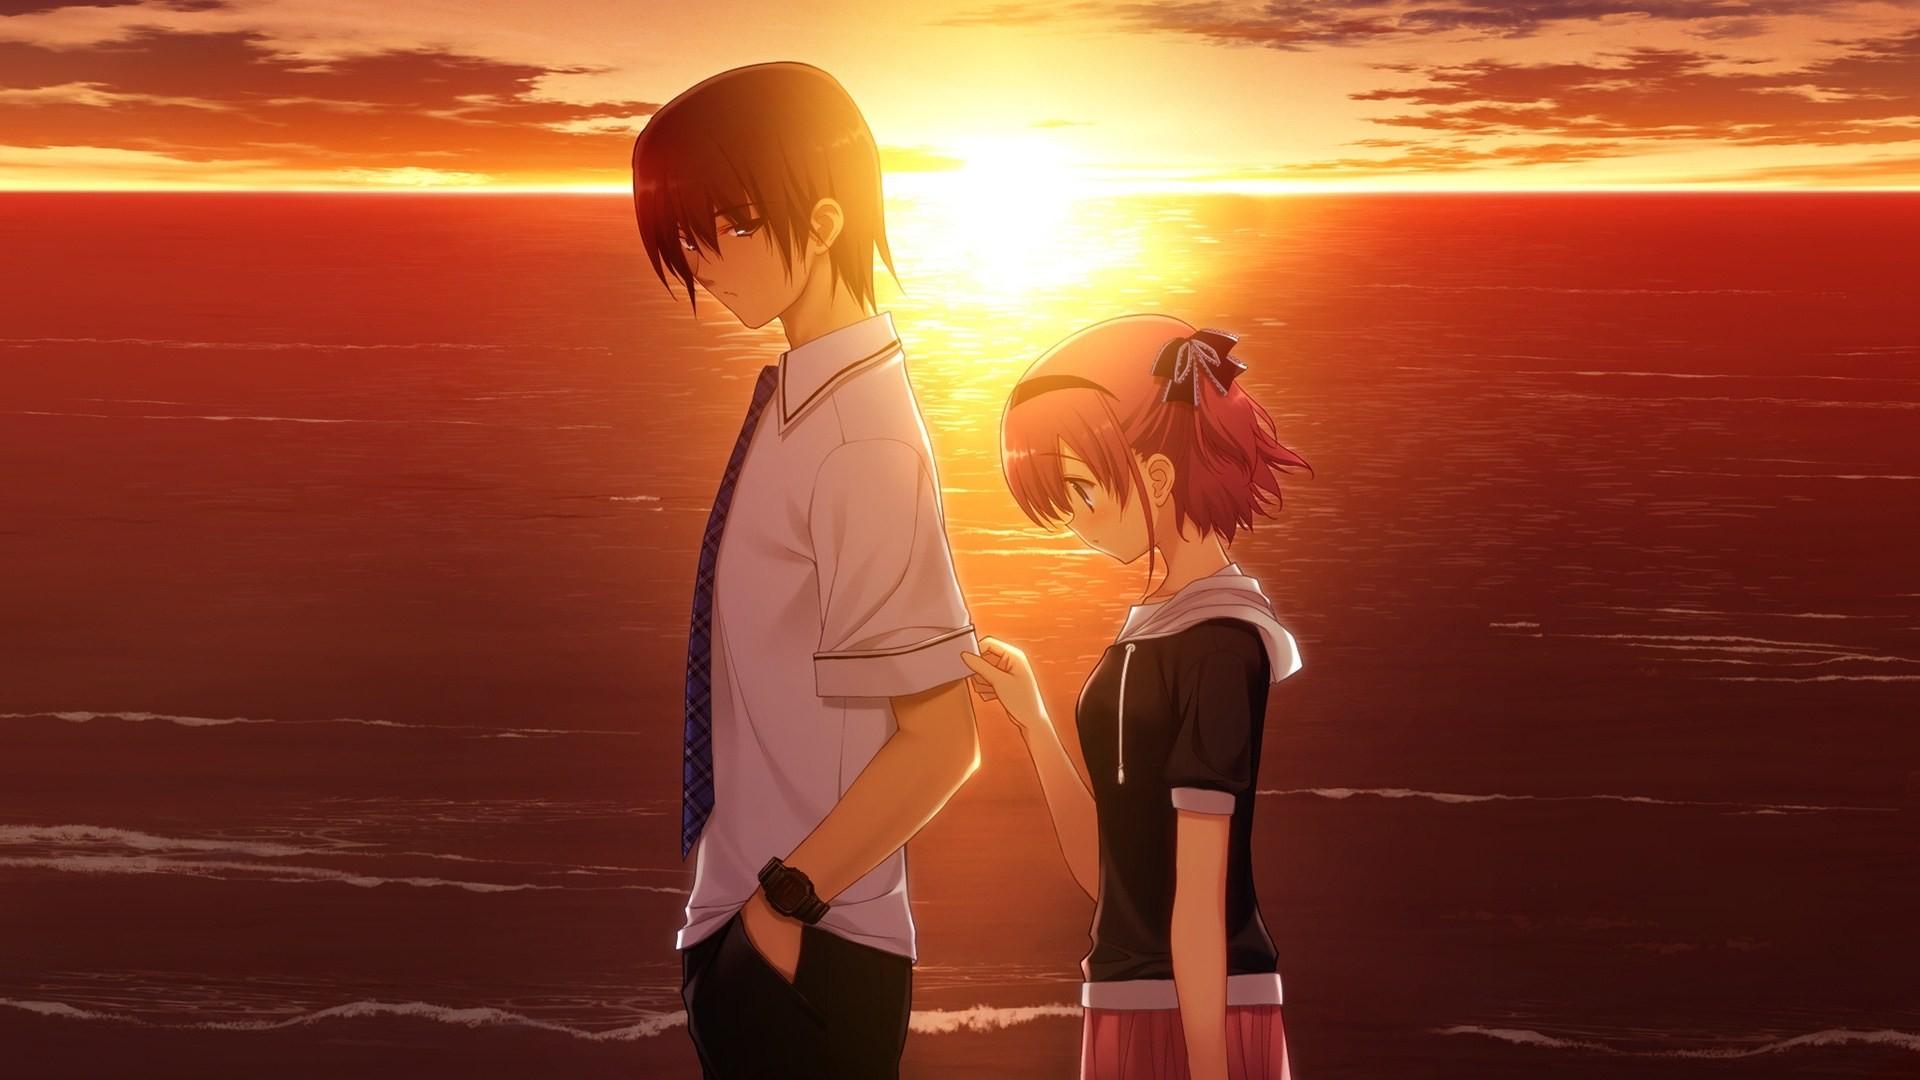 Sad Anime Couple Wallpaper HD